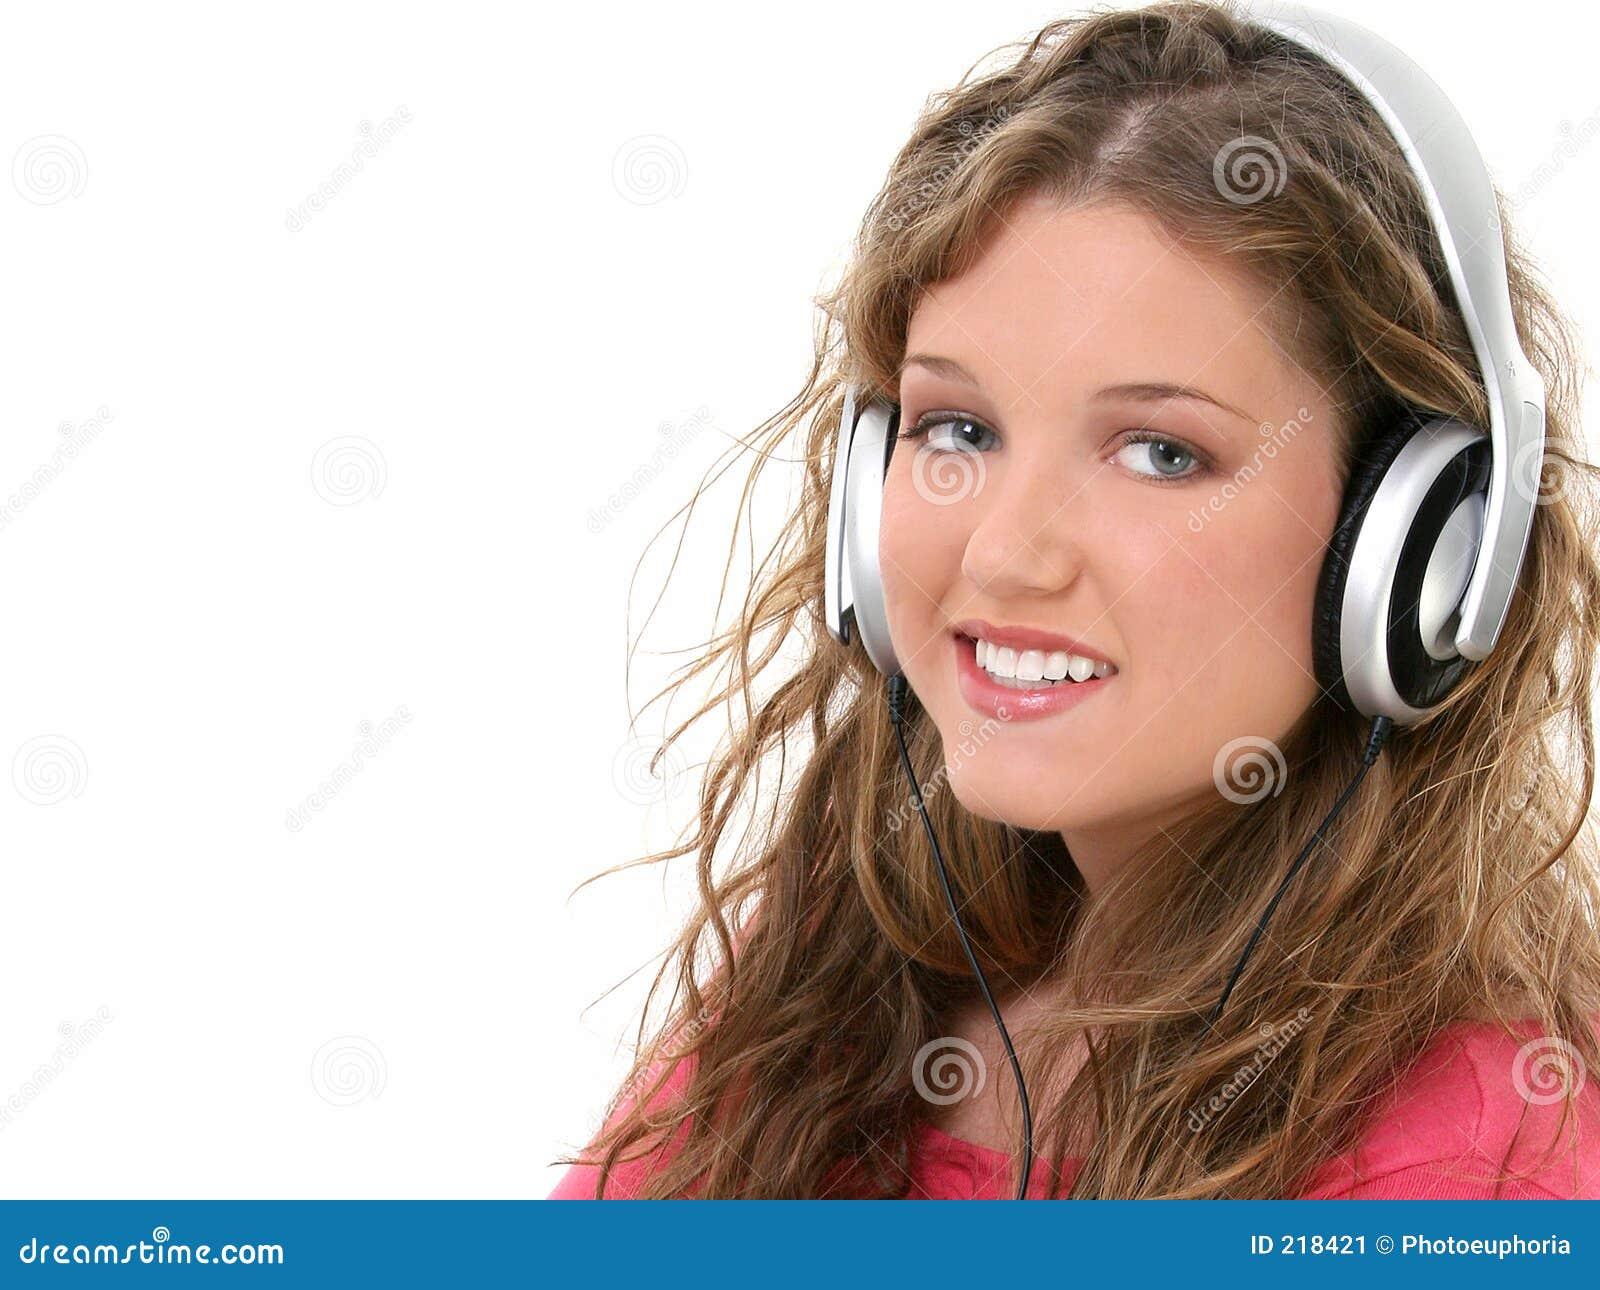 Piękne dziewczyny słuchawki nastolatków.